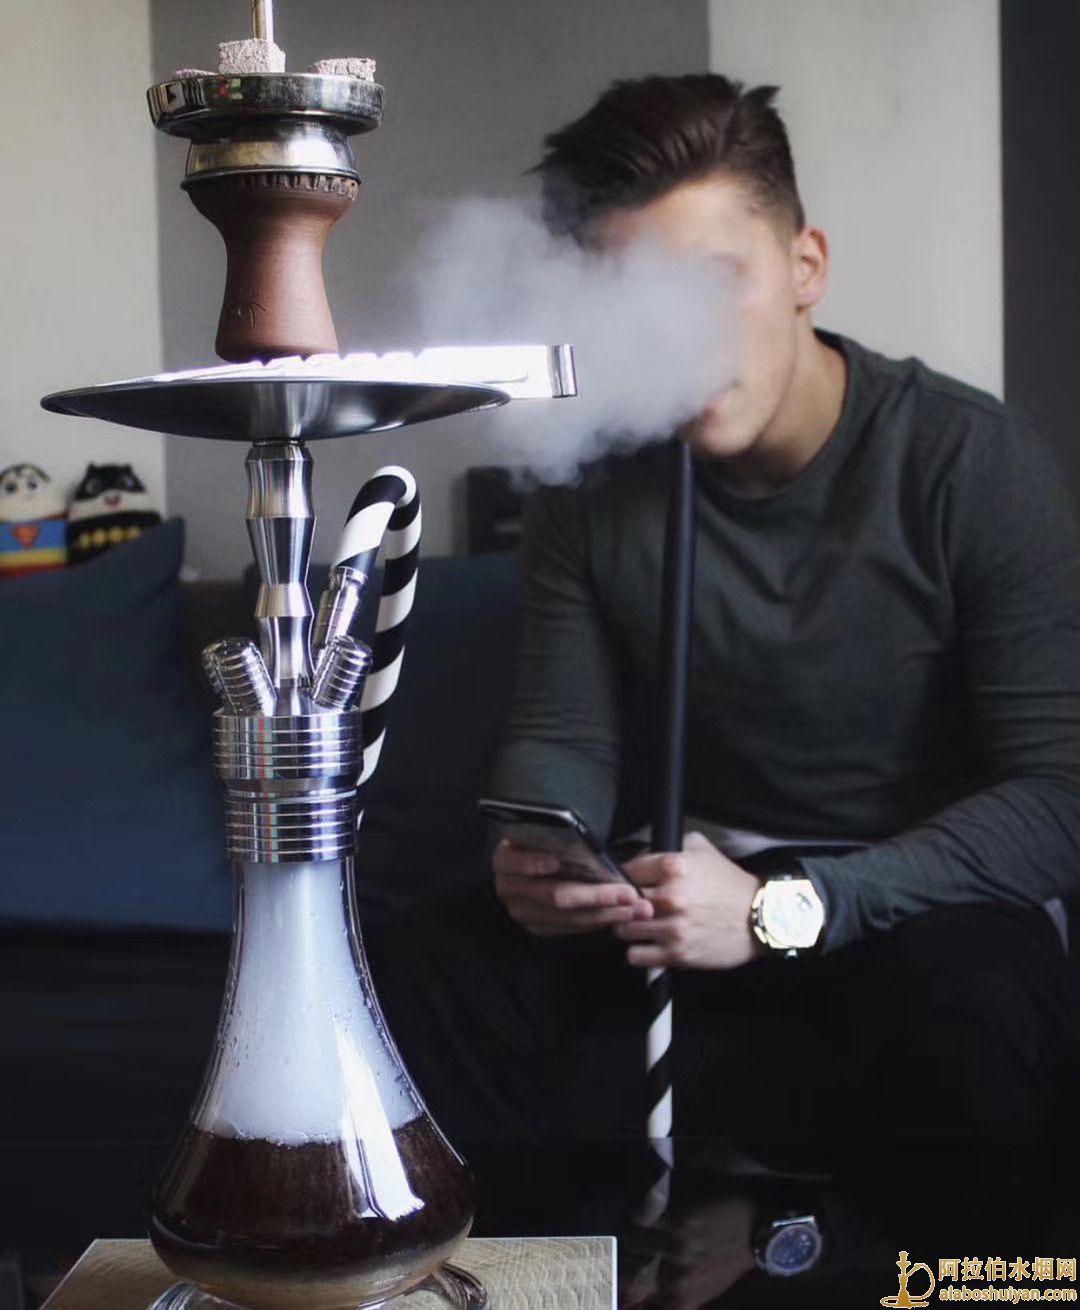 用水烟壶抽烟健康吗 为什么抽水烟会咳嗽